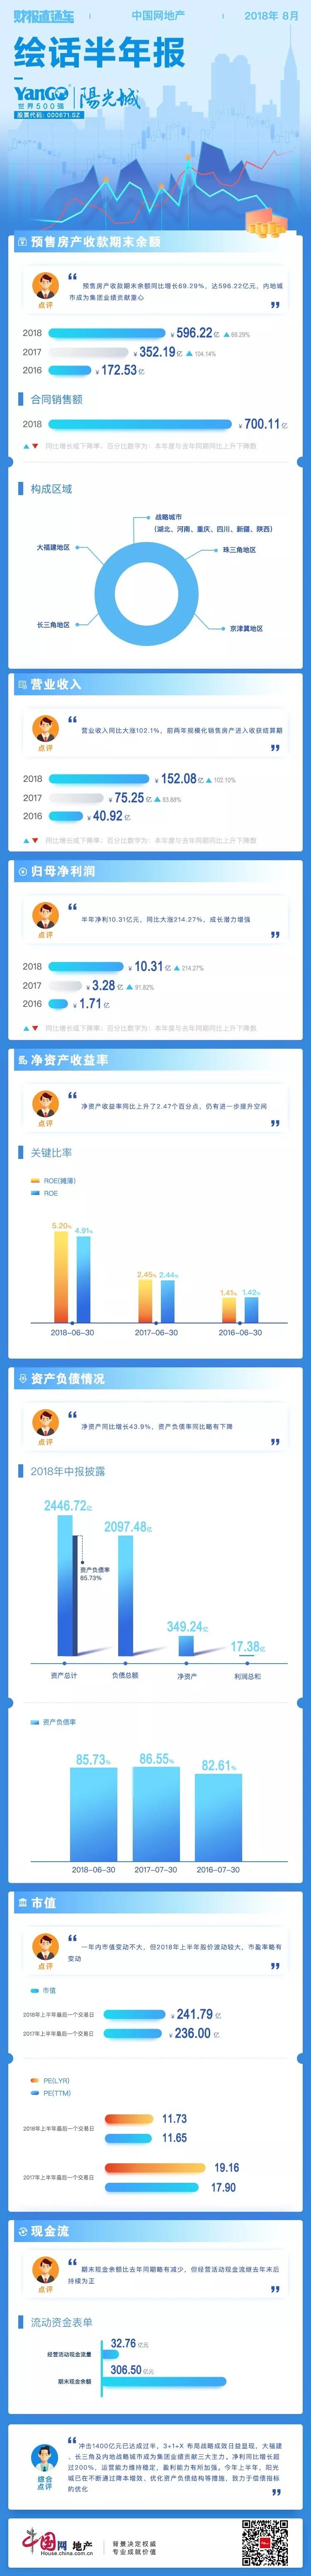 财报直通车 | 绘话半年报10期——阳光城-中国网地产